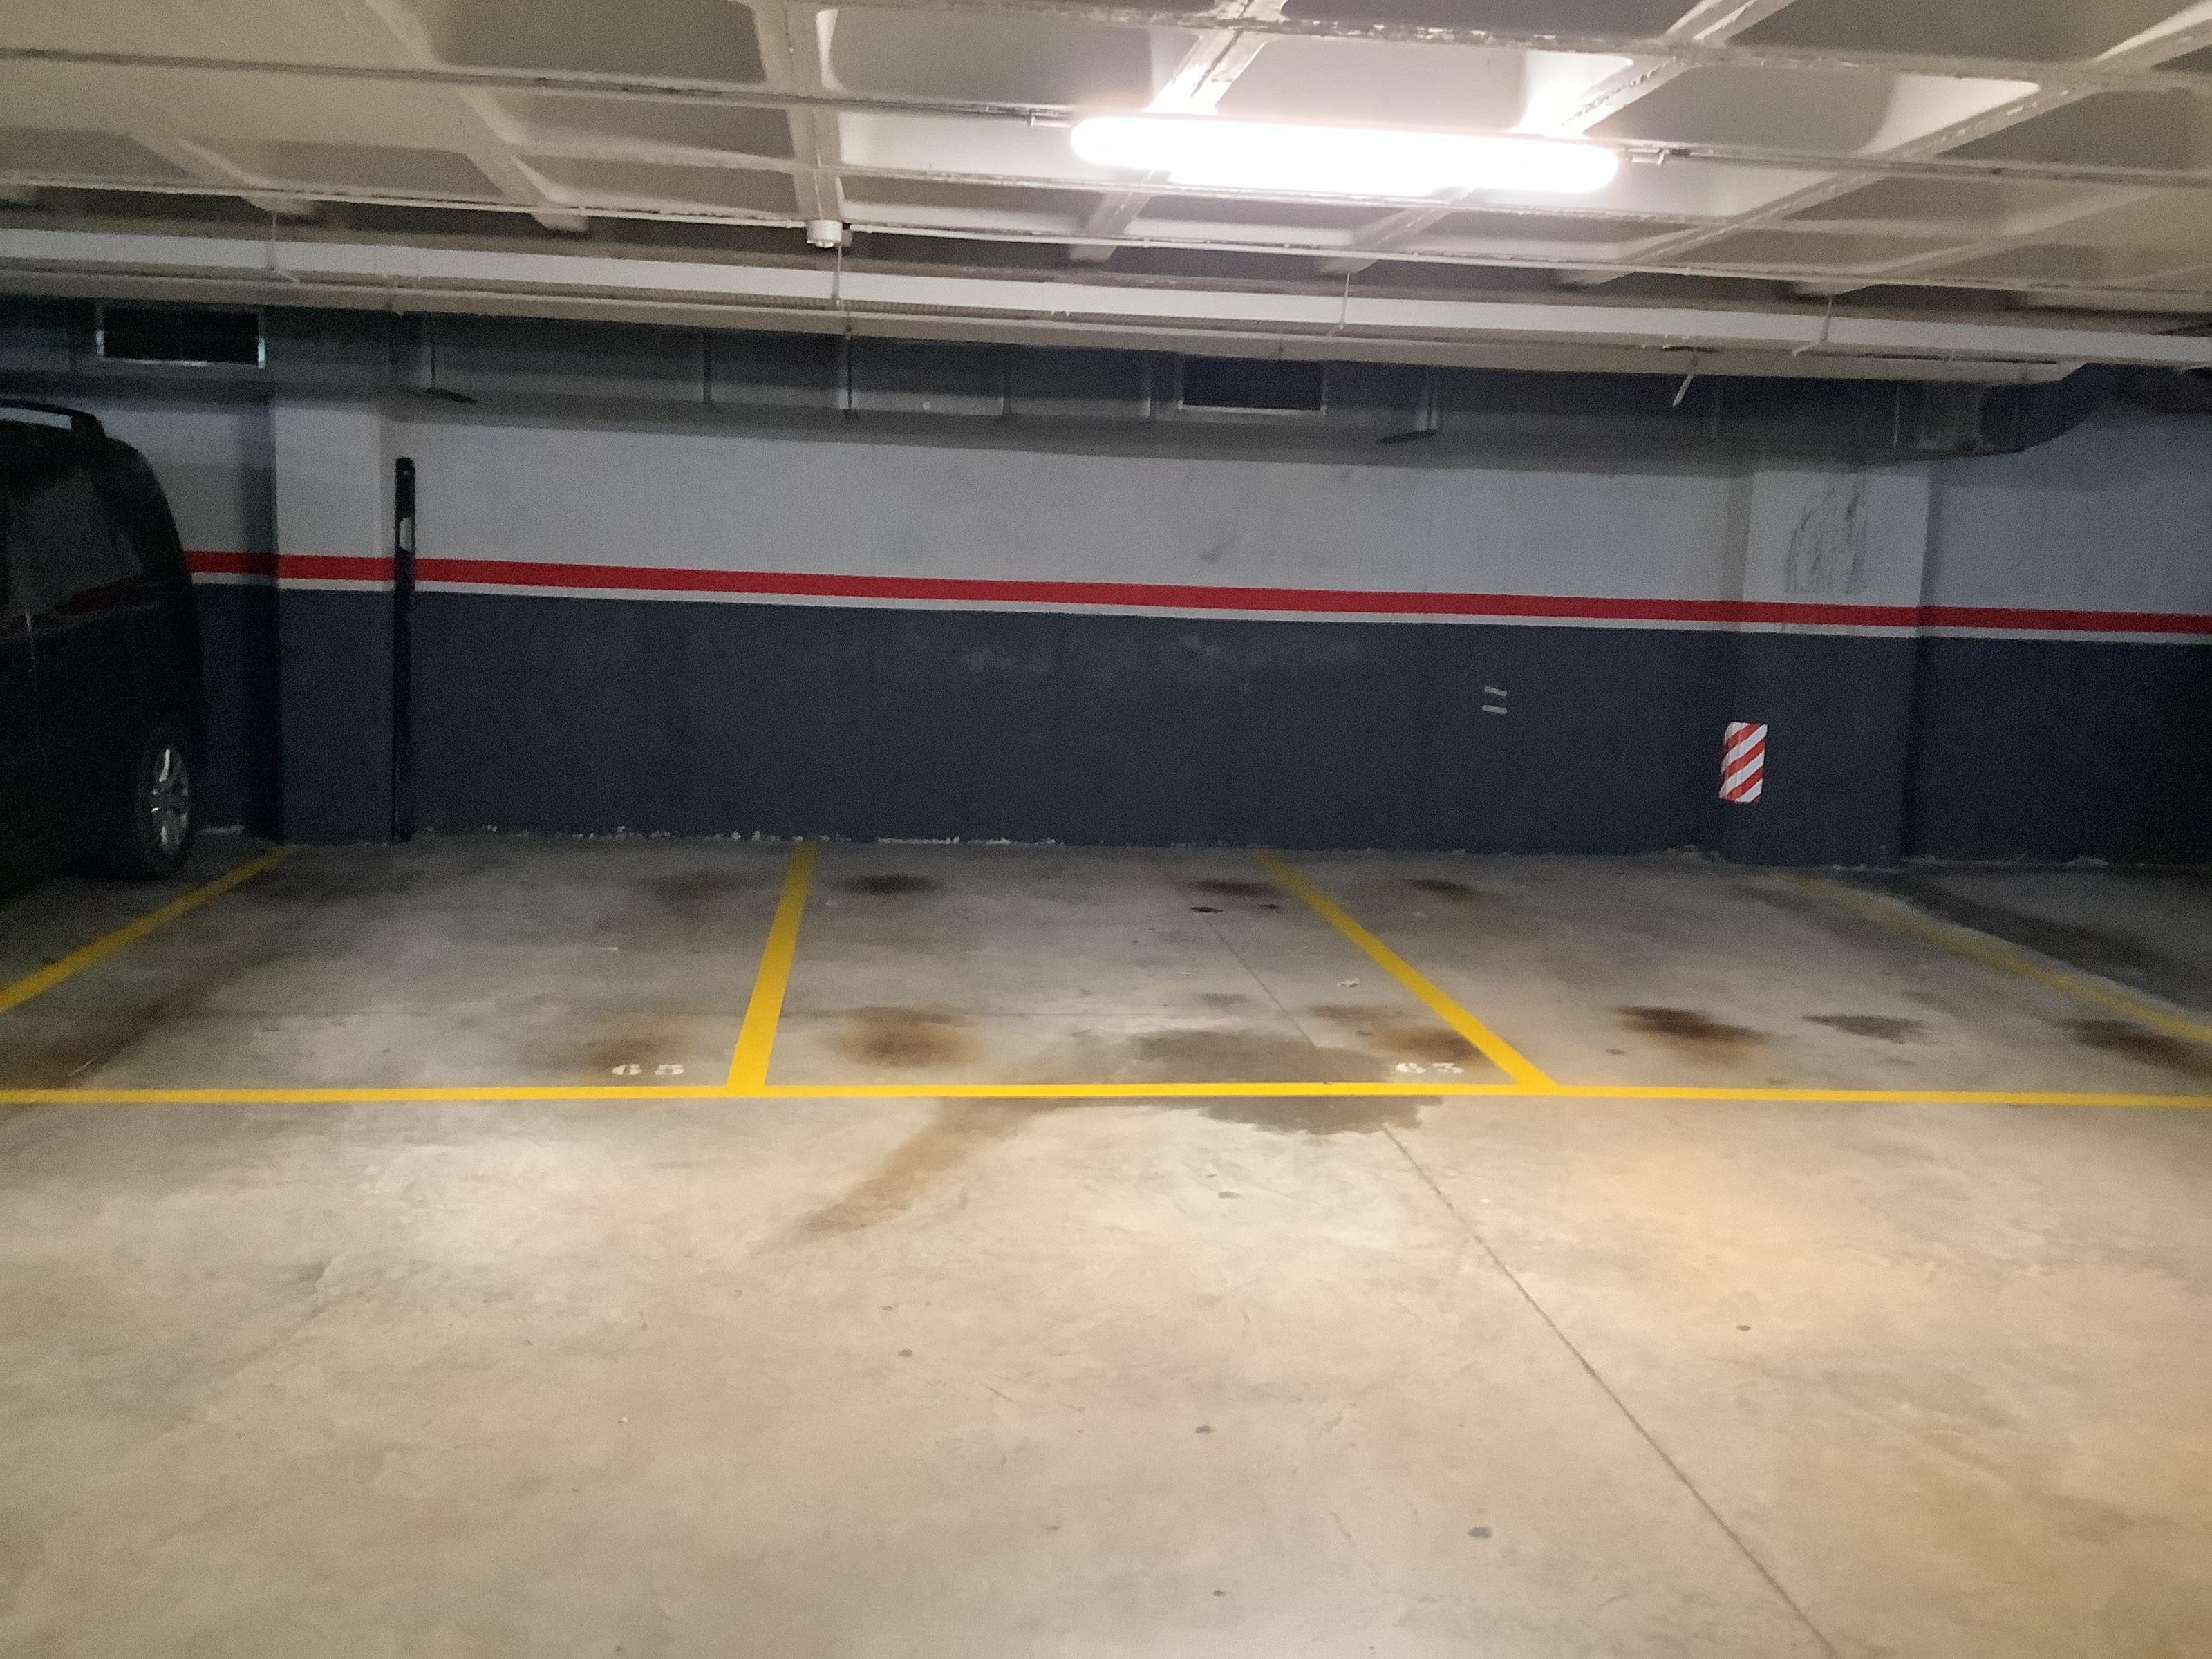 Imagen 3 Parking Coche en venta en Masnou El / Zona centro cerca de todos los comercios y servicios